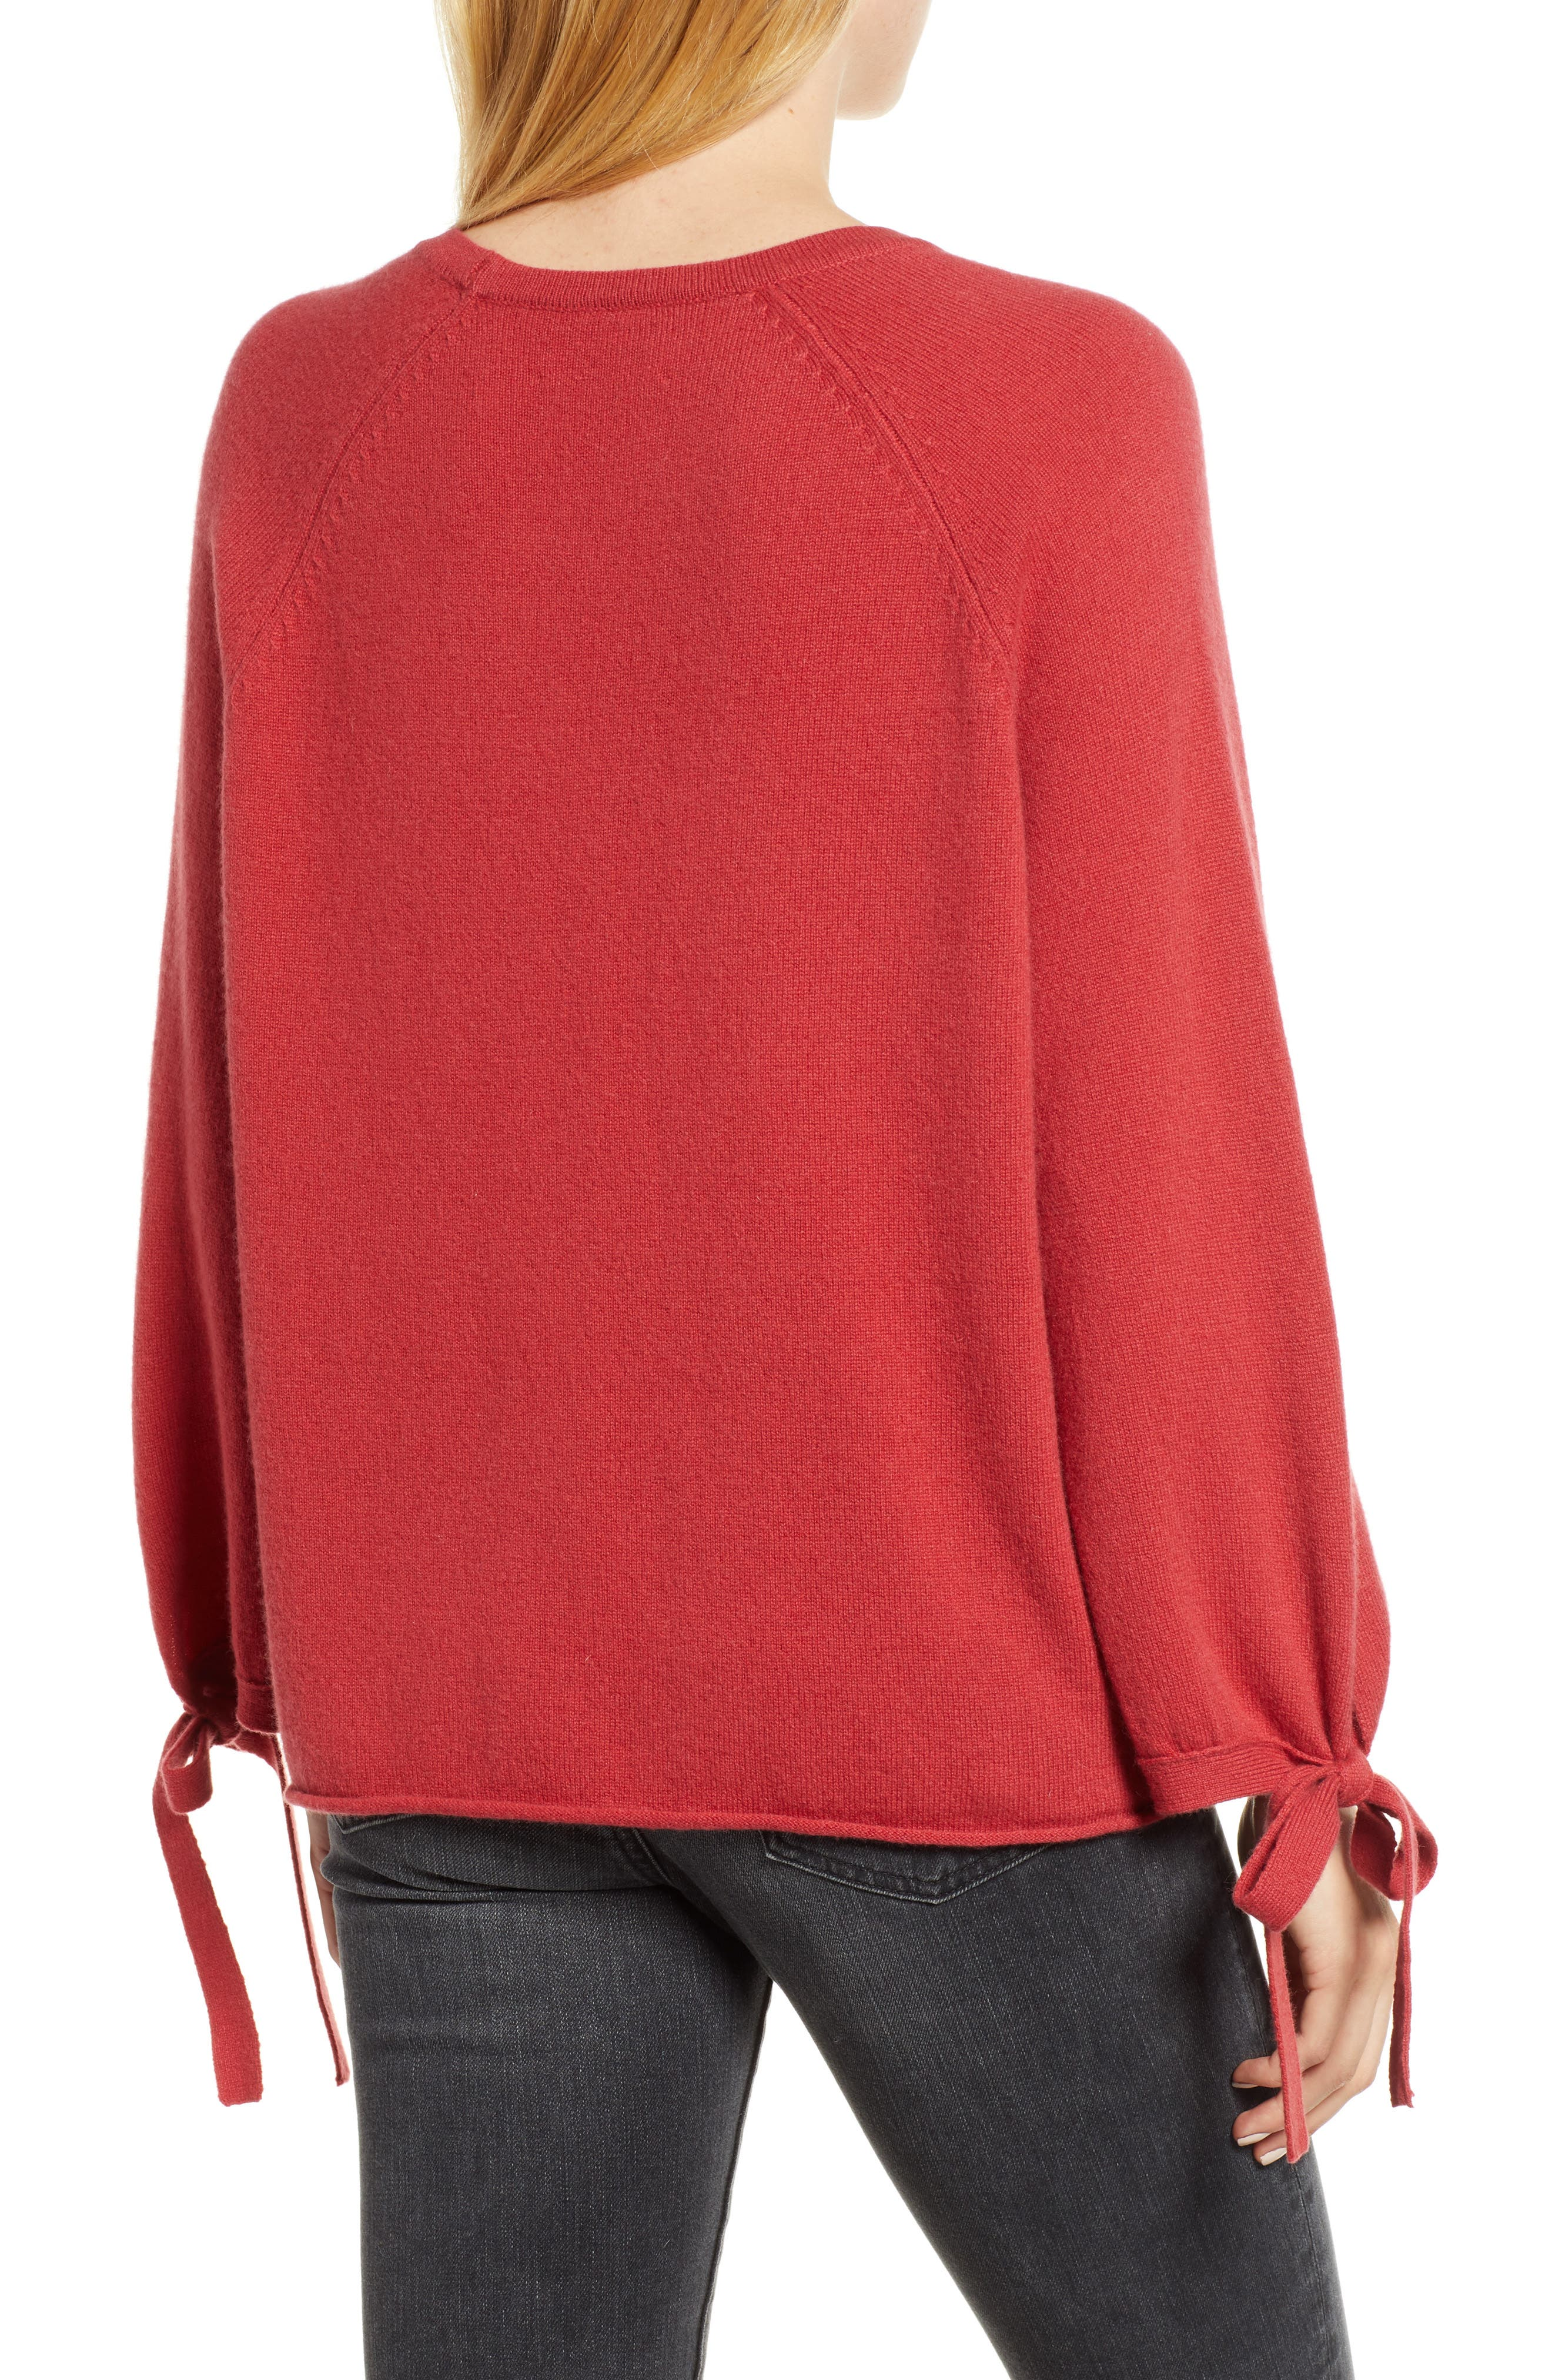 VELVET BY GRAHAM & SPENCER, Cashmere Tie Sleeve Sweater, Alternate thumbnail 2, color, SNAPPER